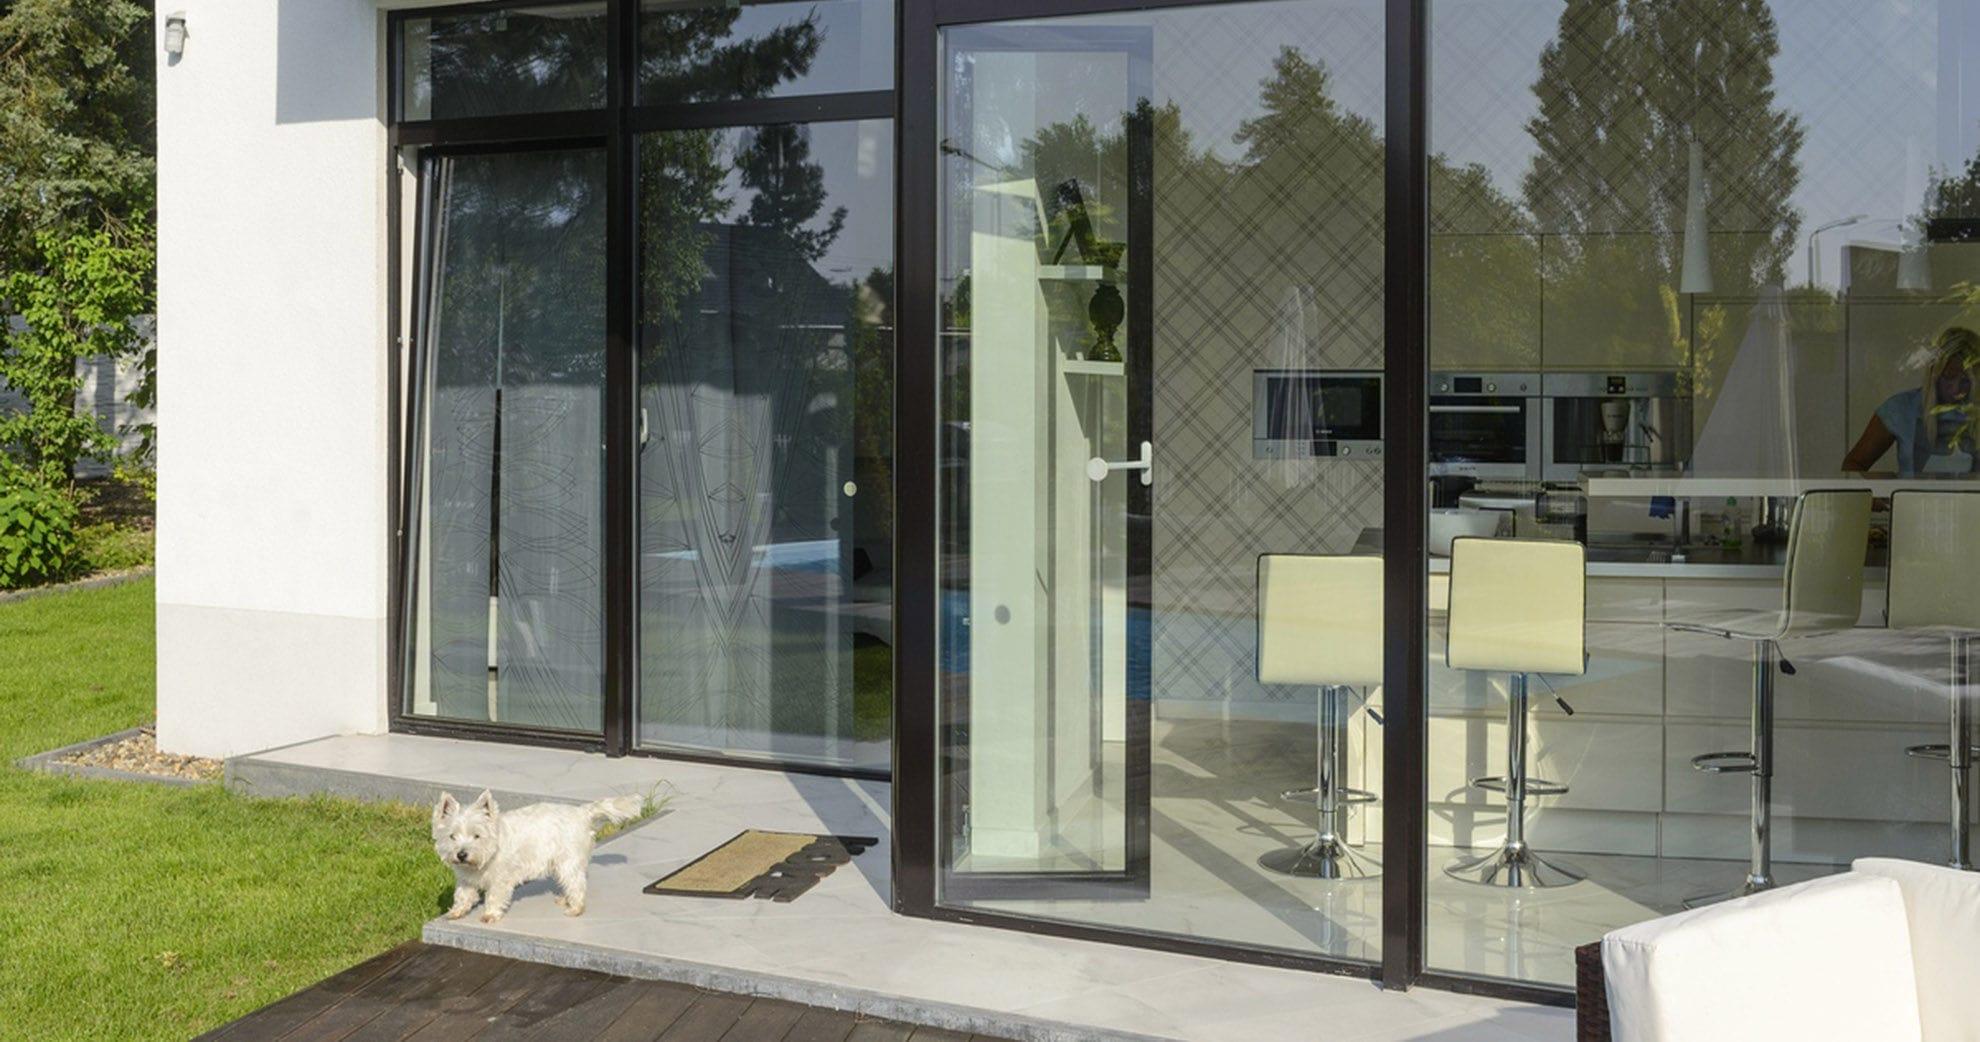 Full Size of Einflgelige Fenstertr Aluminium Doppelverglasung Fenster 3 Fach Verglasung Gebrauchte Kaufen Auto Folie Velux Preise De Sonnenschutz Schüko Einbruchsicher Fenster Drutex Fenster